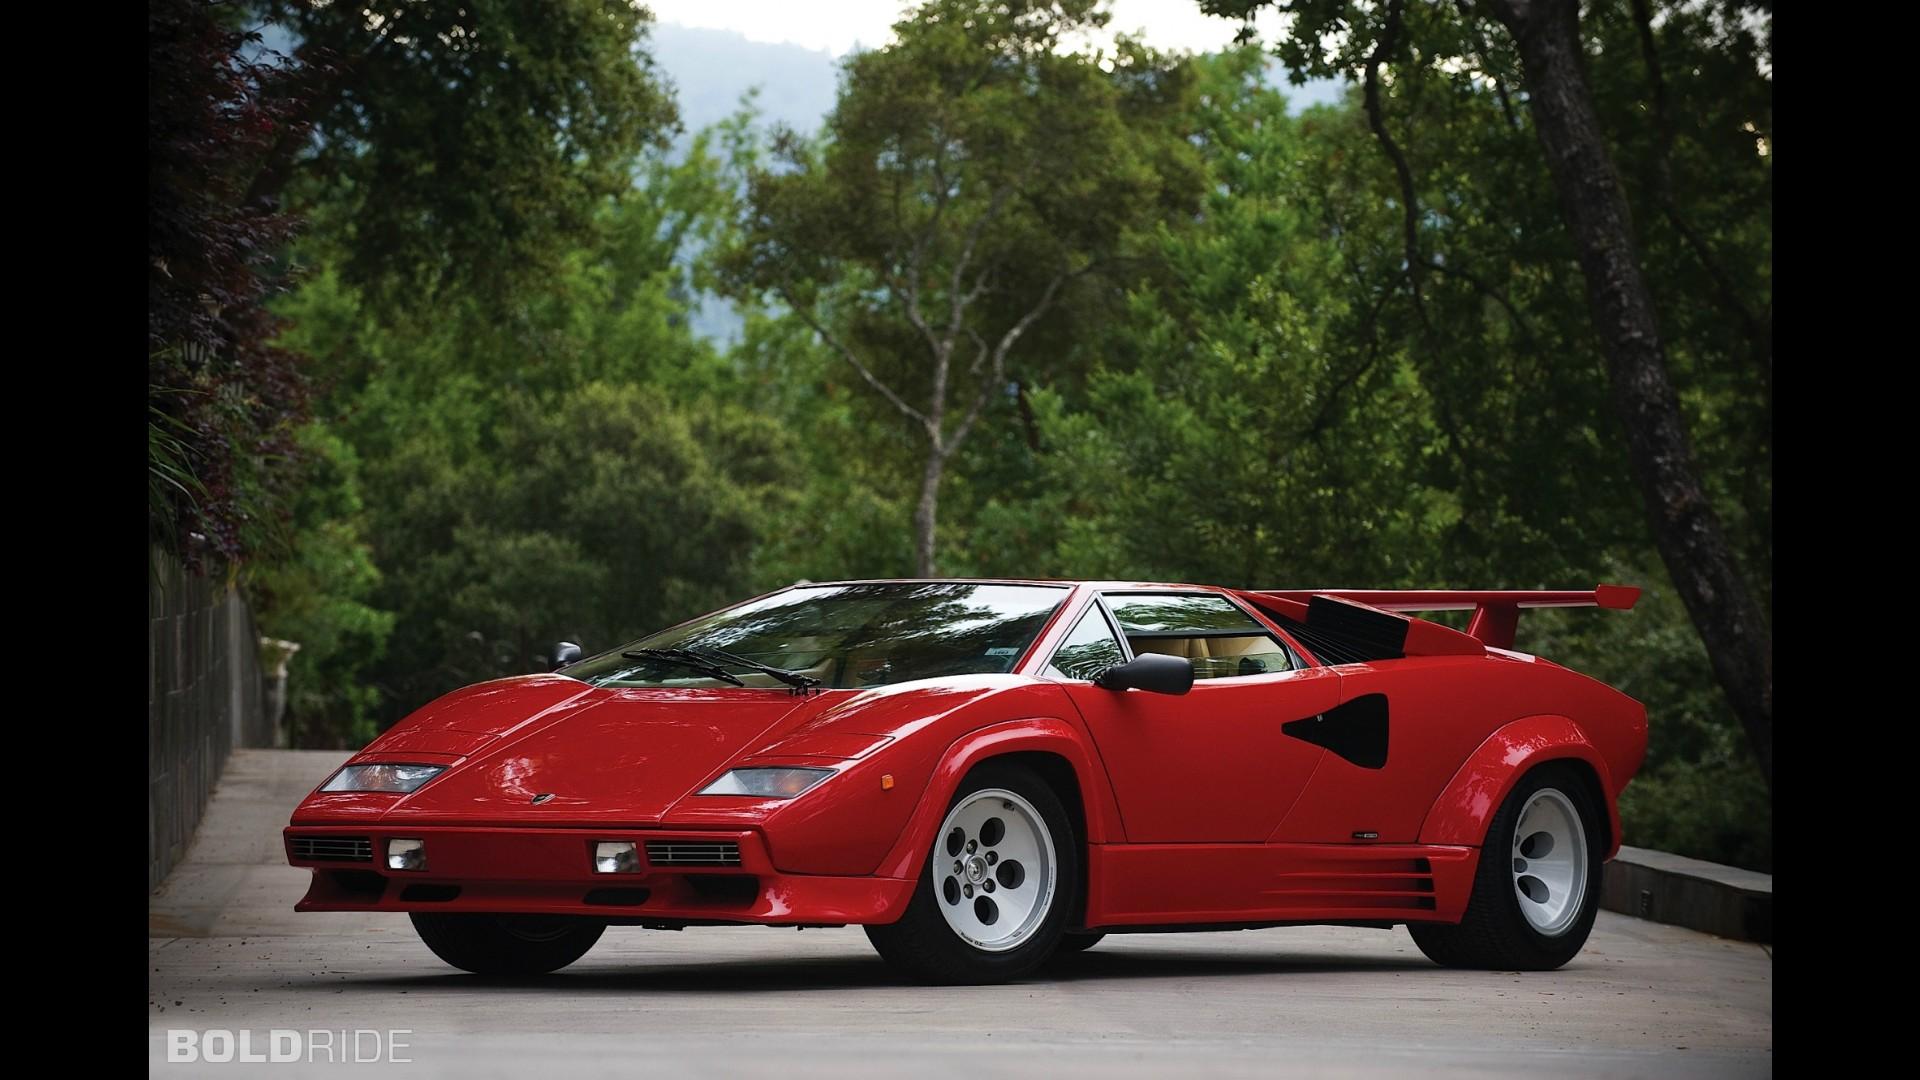 lamborghini-countach-5000-quattrovalvole-downdraft Extraordinary Lamborghini Countach 5000 Quattrovalvole Specs Cars Trend